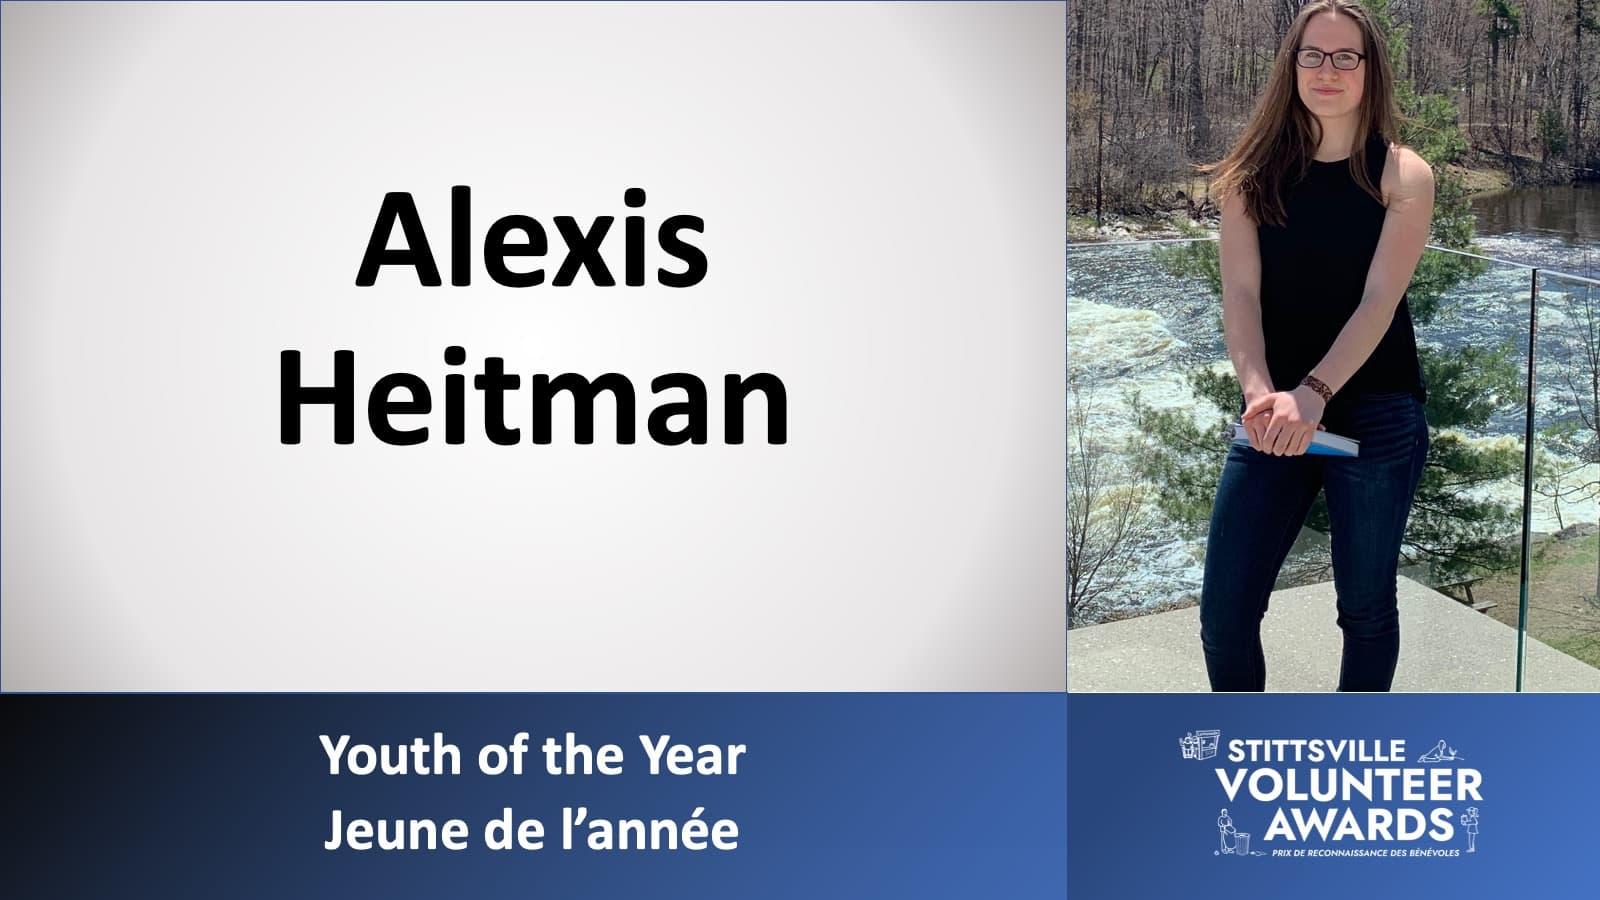 Alexis Heitman